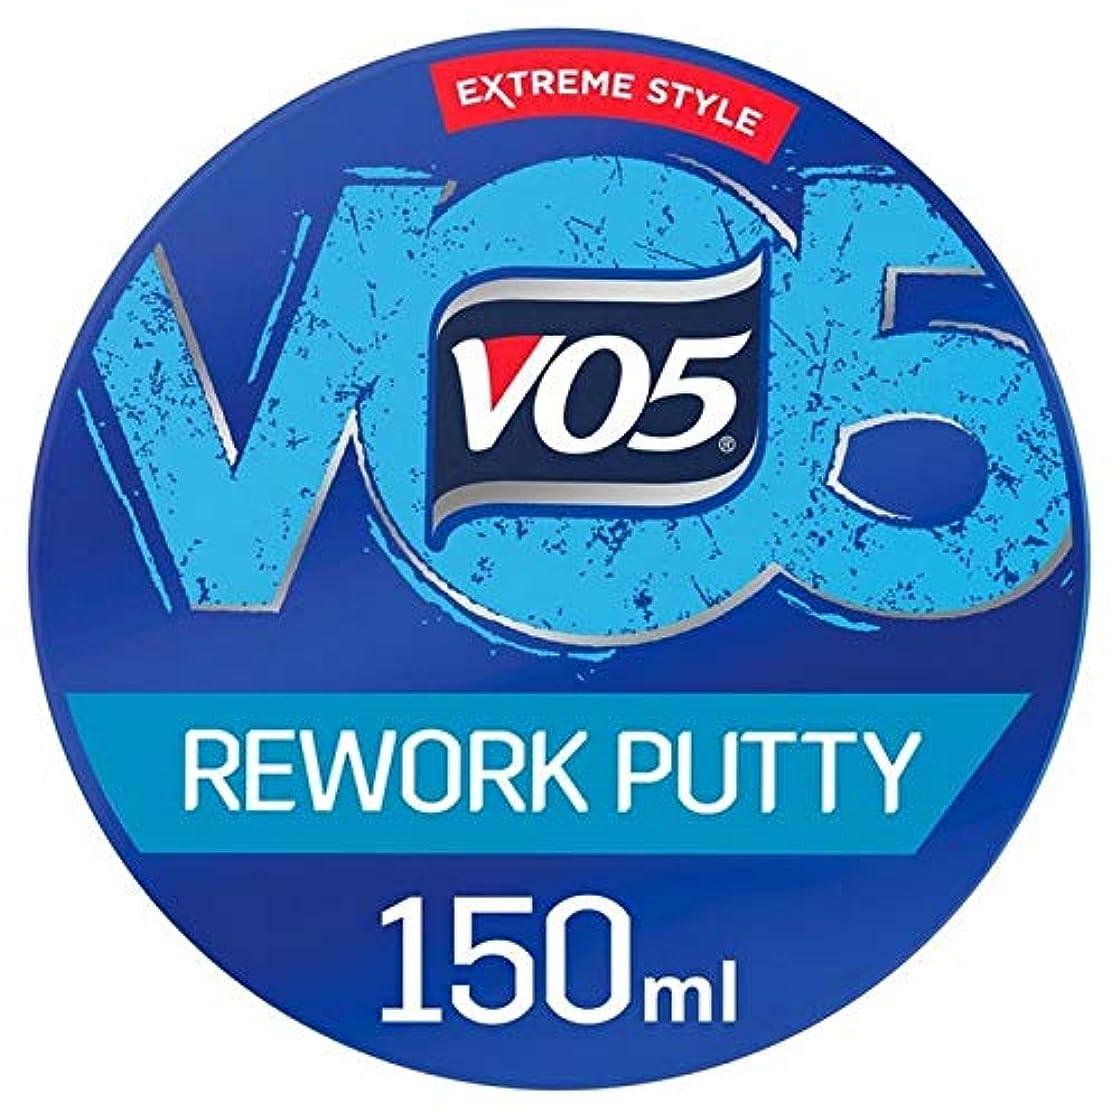 サスペンション想定する心理学[VO5] Vo5極端なスタイルリワークパテ150ミリリットル - VO5 Extreme Style Rework Putty 150ml [並行輸入品]